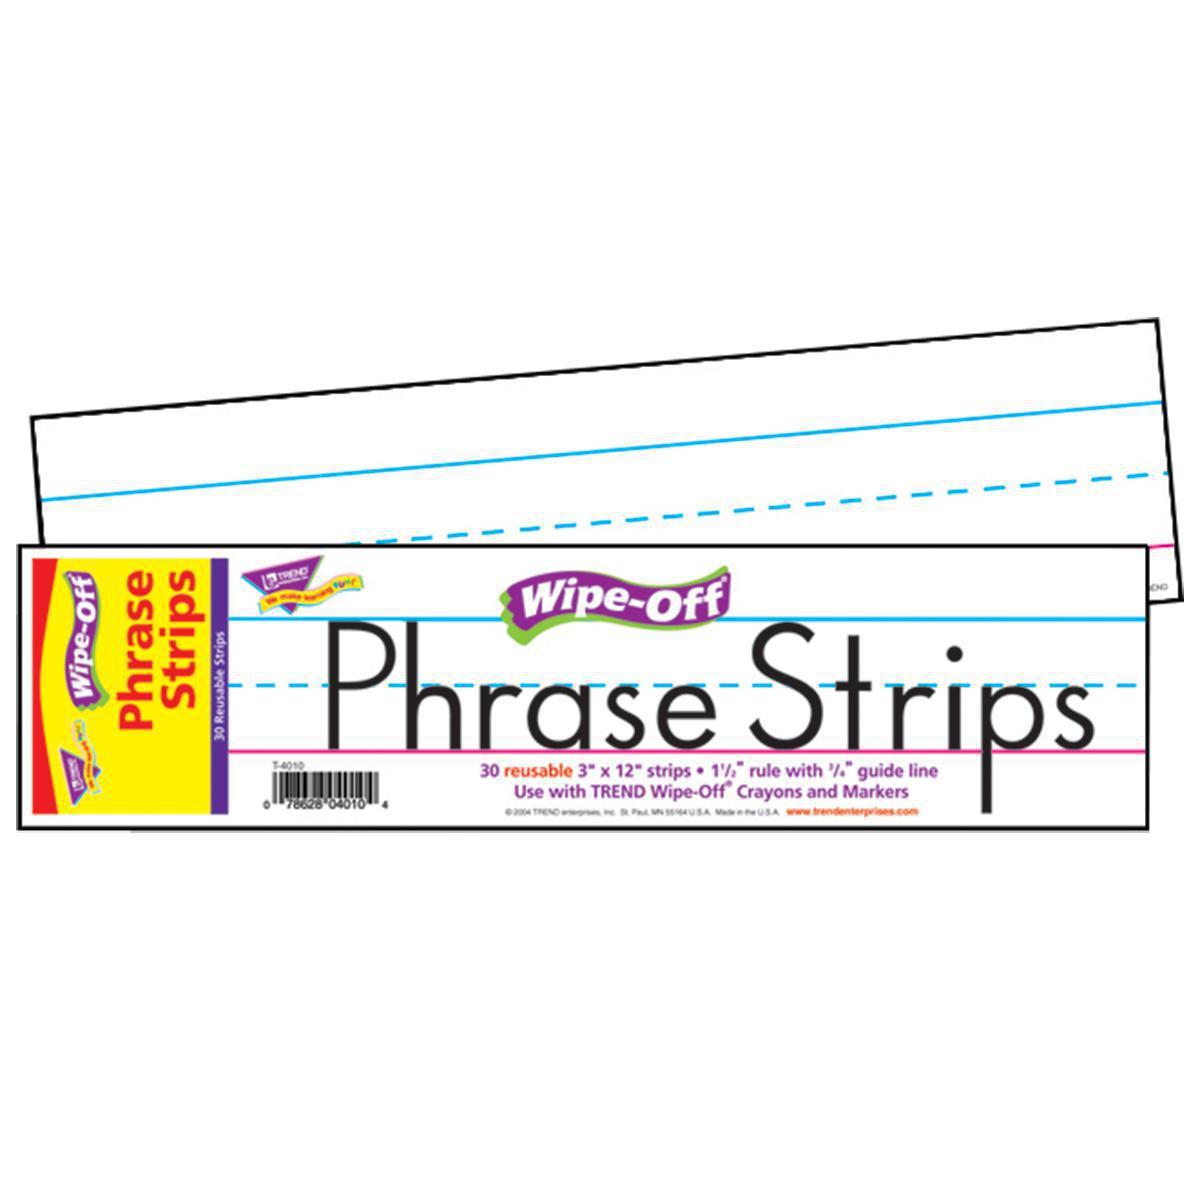 Wipe-Off Phrase Strips: White